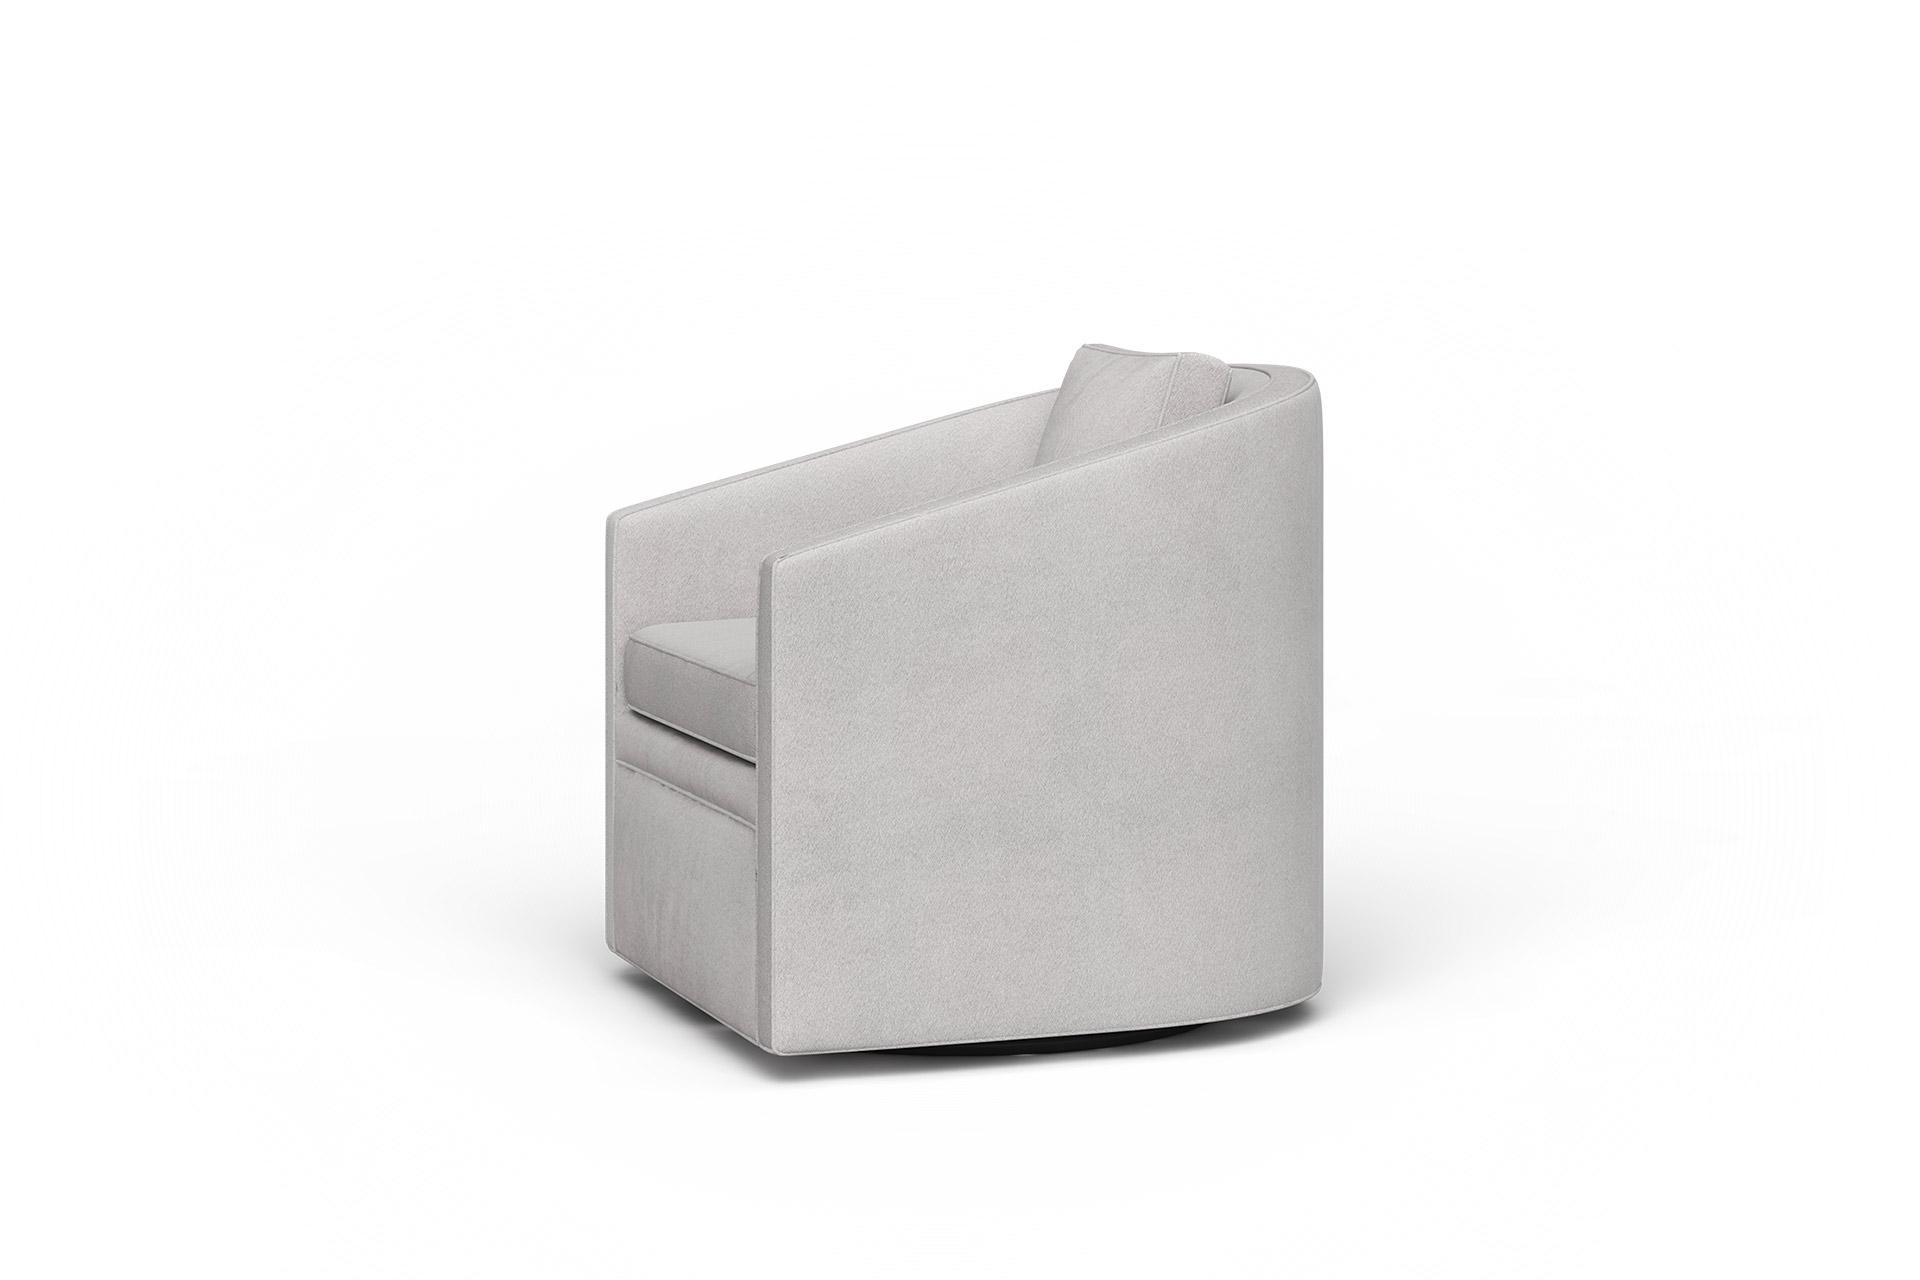 loft-and-manor-modern-tub-chair-1a